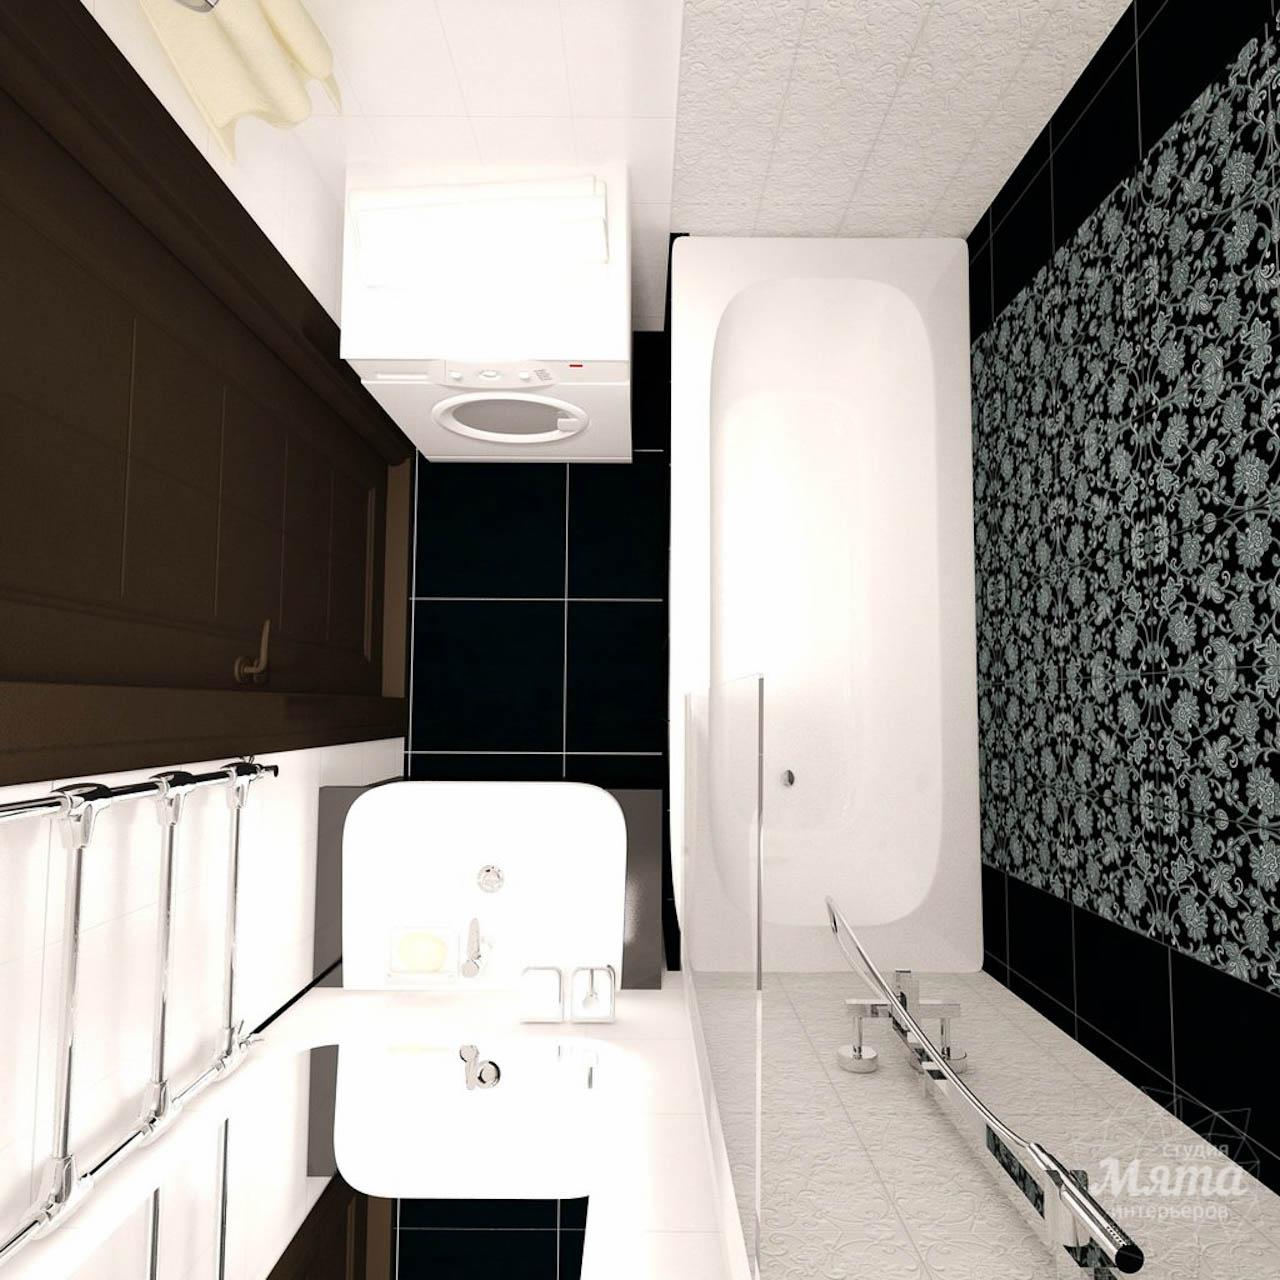 Дизайн интерьера двухкомнатной квартиры по ул. Бебеля 156 img2107679083